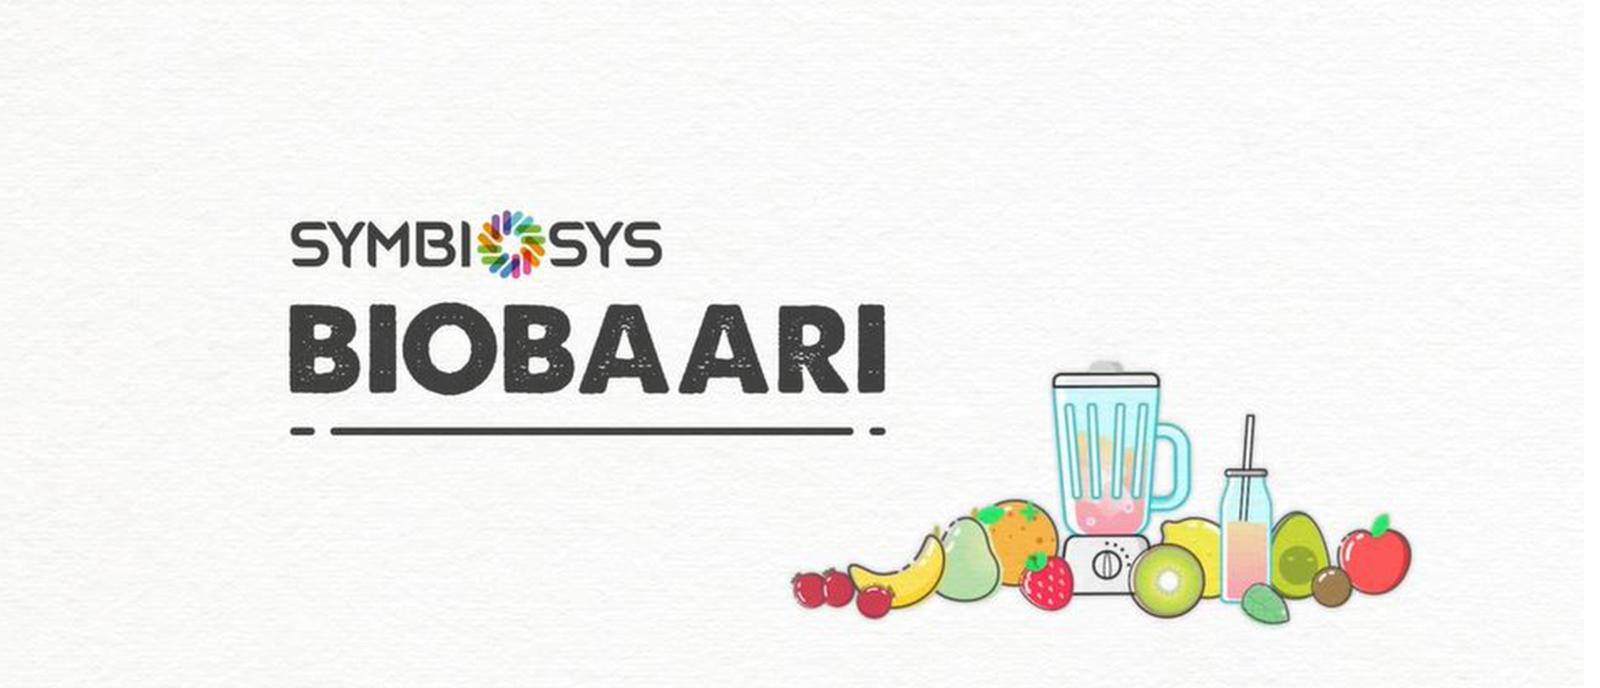 SYMBIOSYS BIOBAARI - JAKSO 2